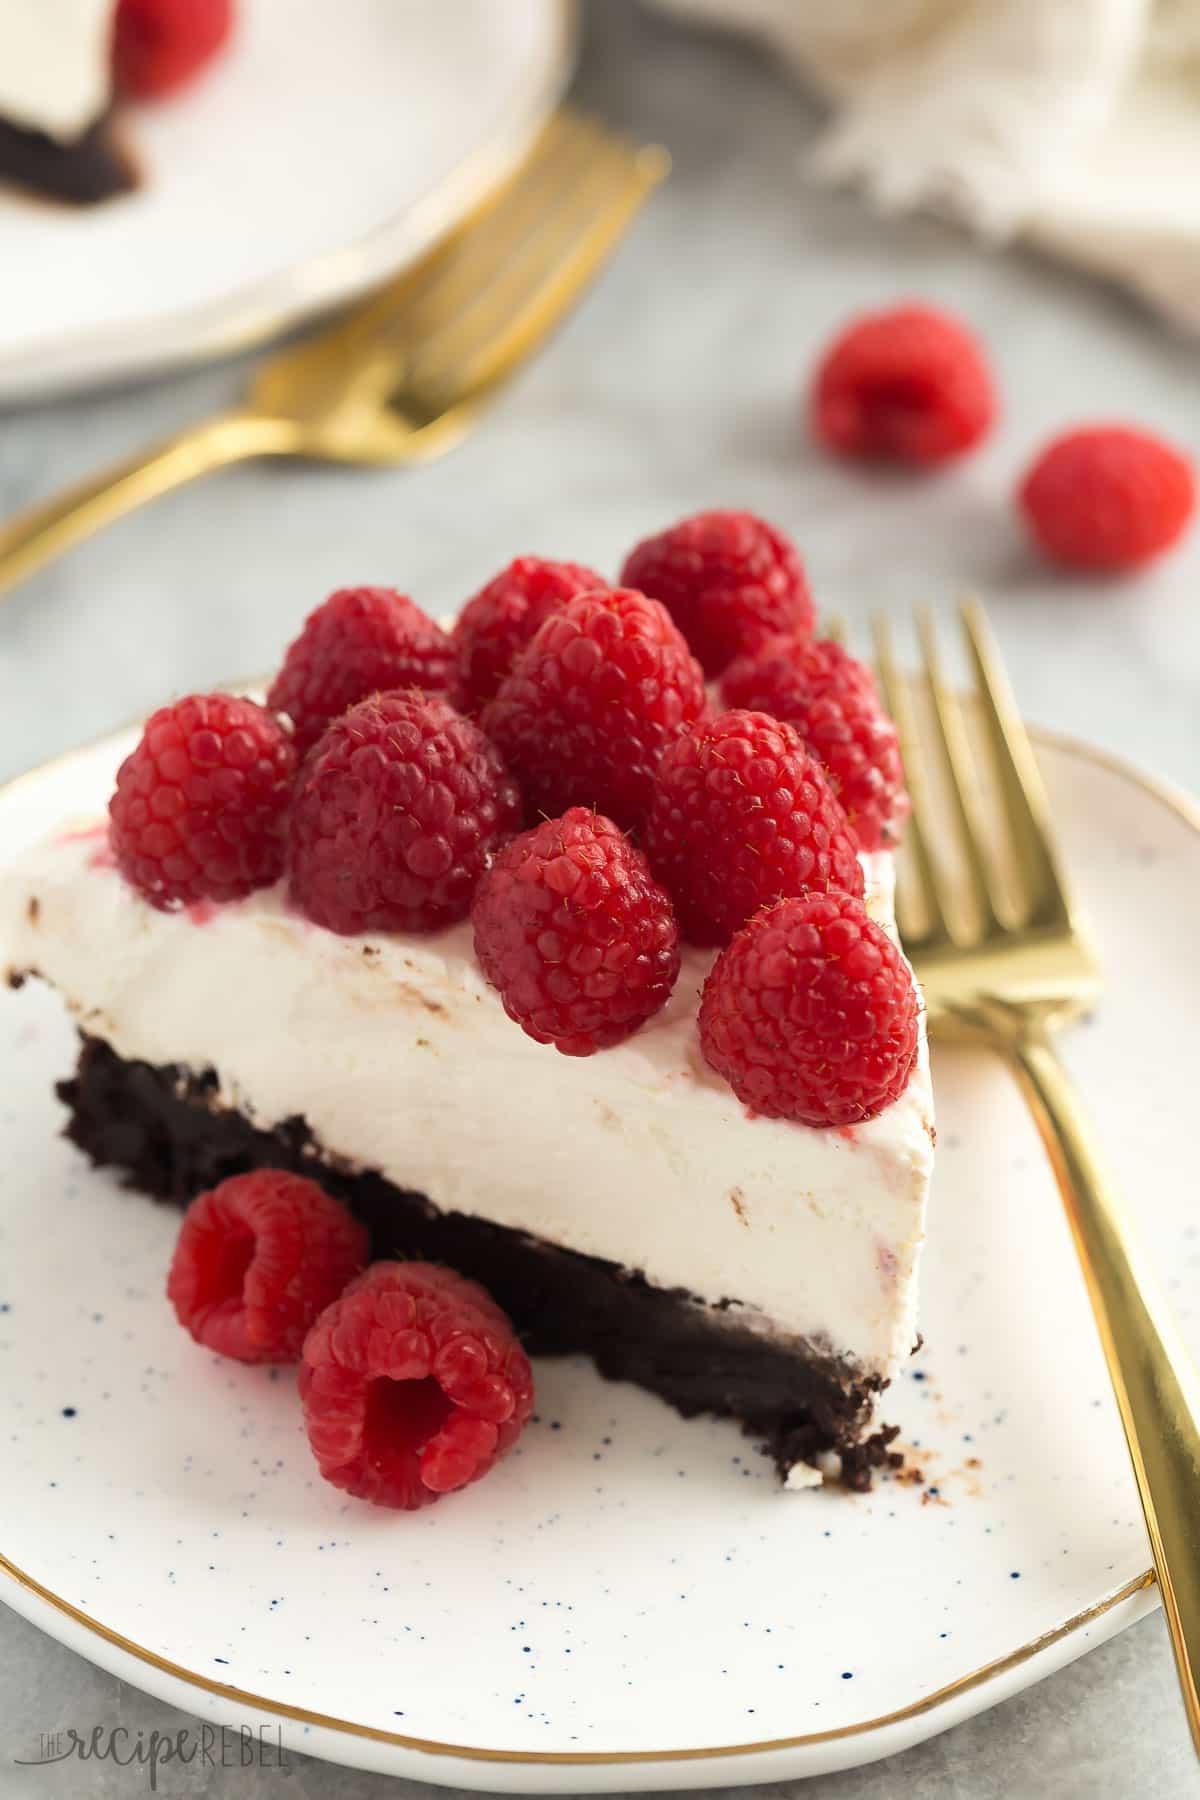 Esta tarta de queso con fondo de brownie está hecha con una base de brownie dulce, una tarta de queso suave y sin hornear sedosa y cubierta con montones de frambuesas frescas. ¡Es un elegante postre navideño que también es naturalmente libre de gluten!